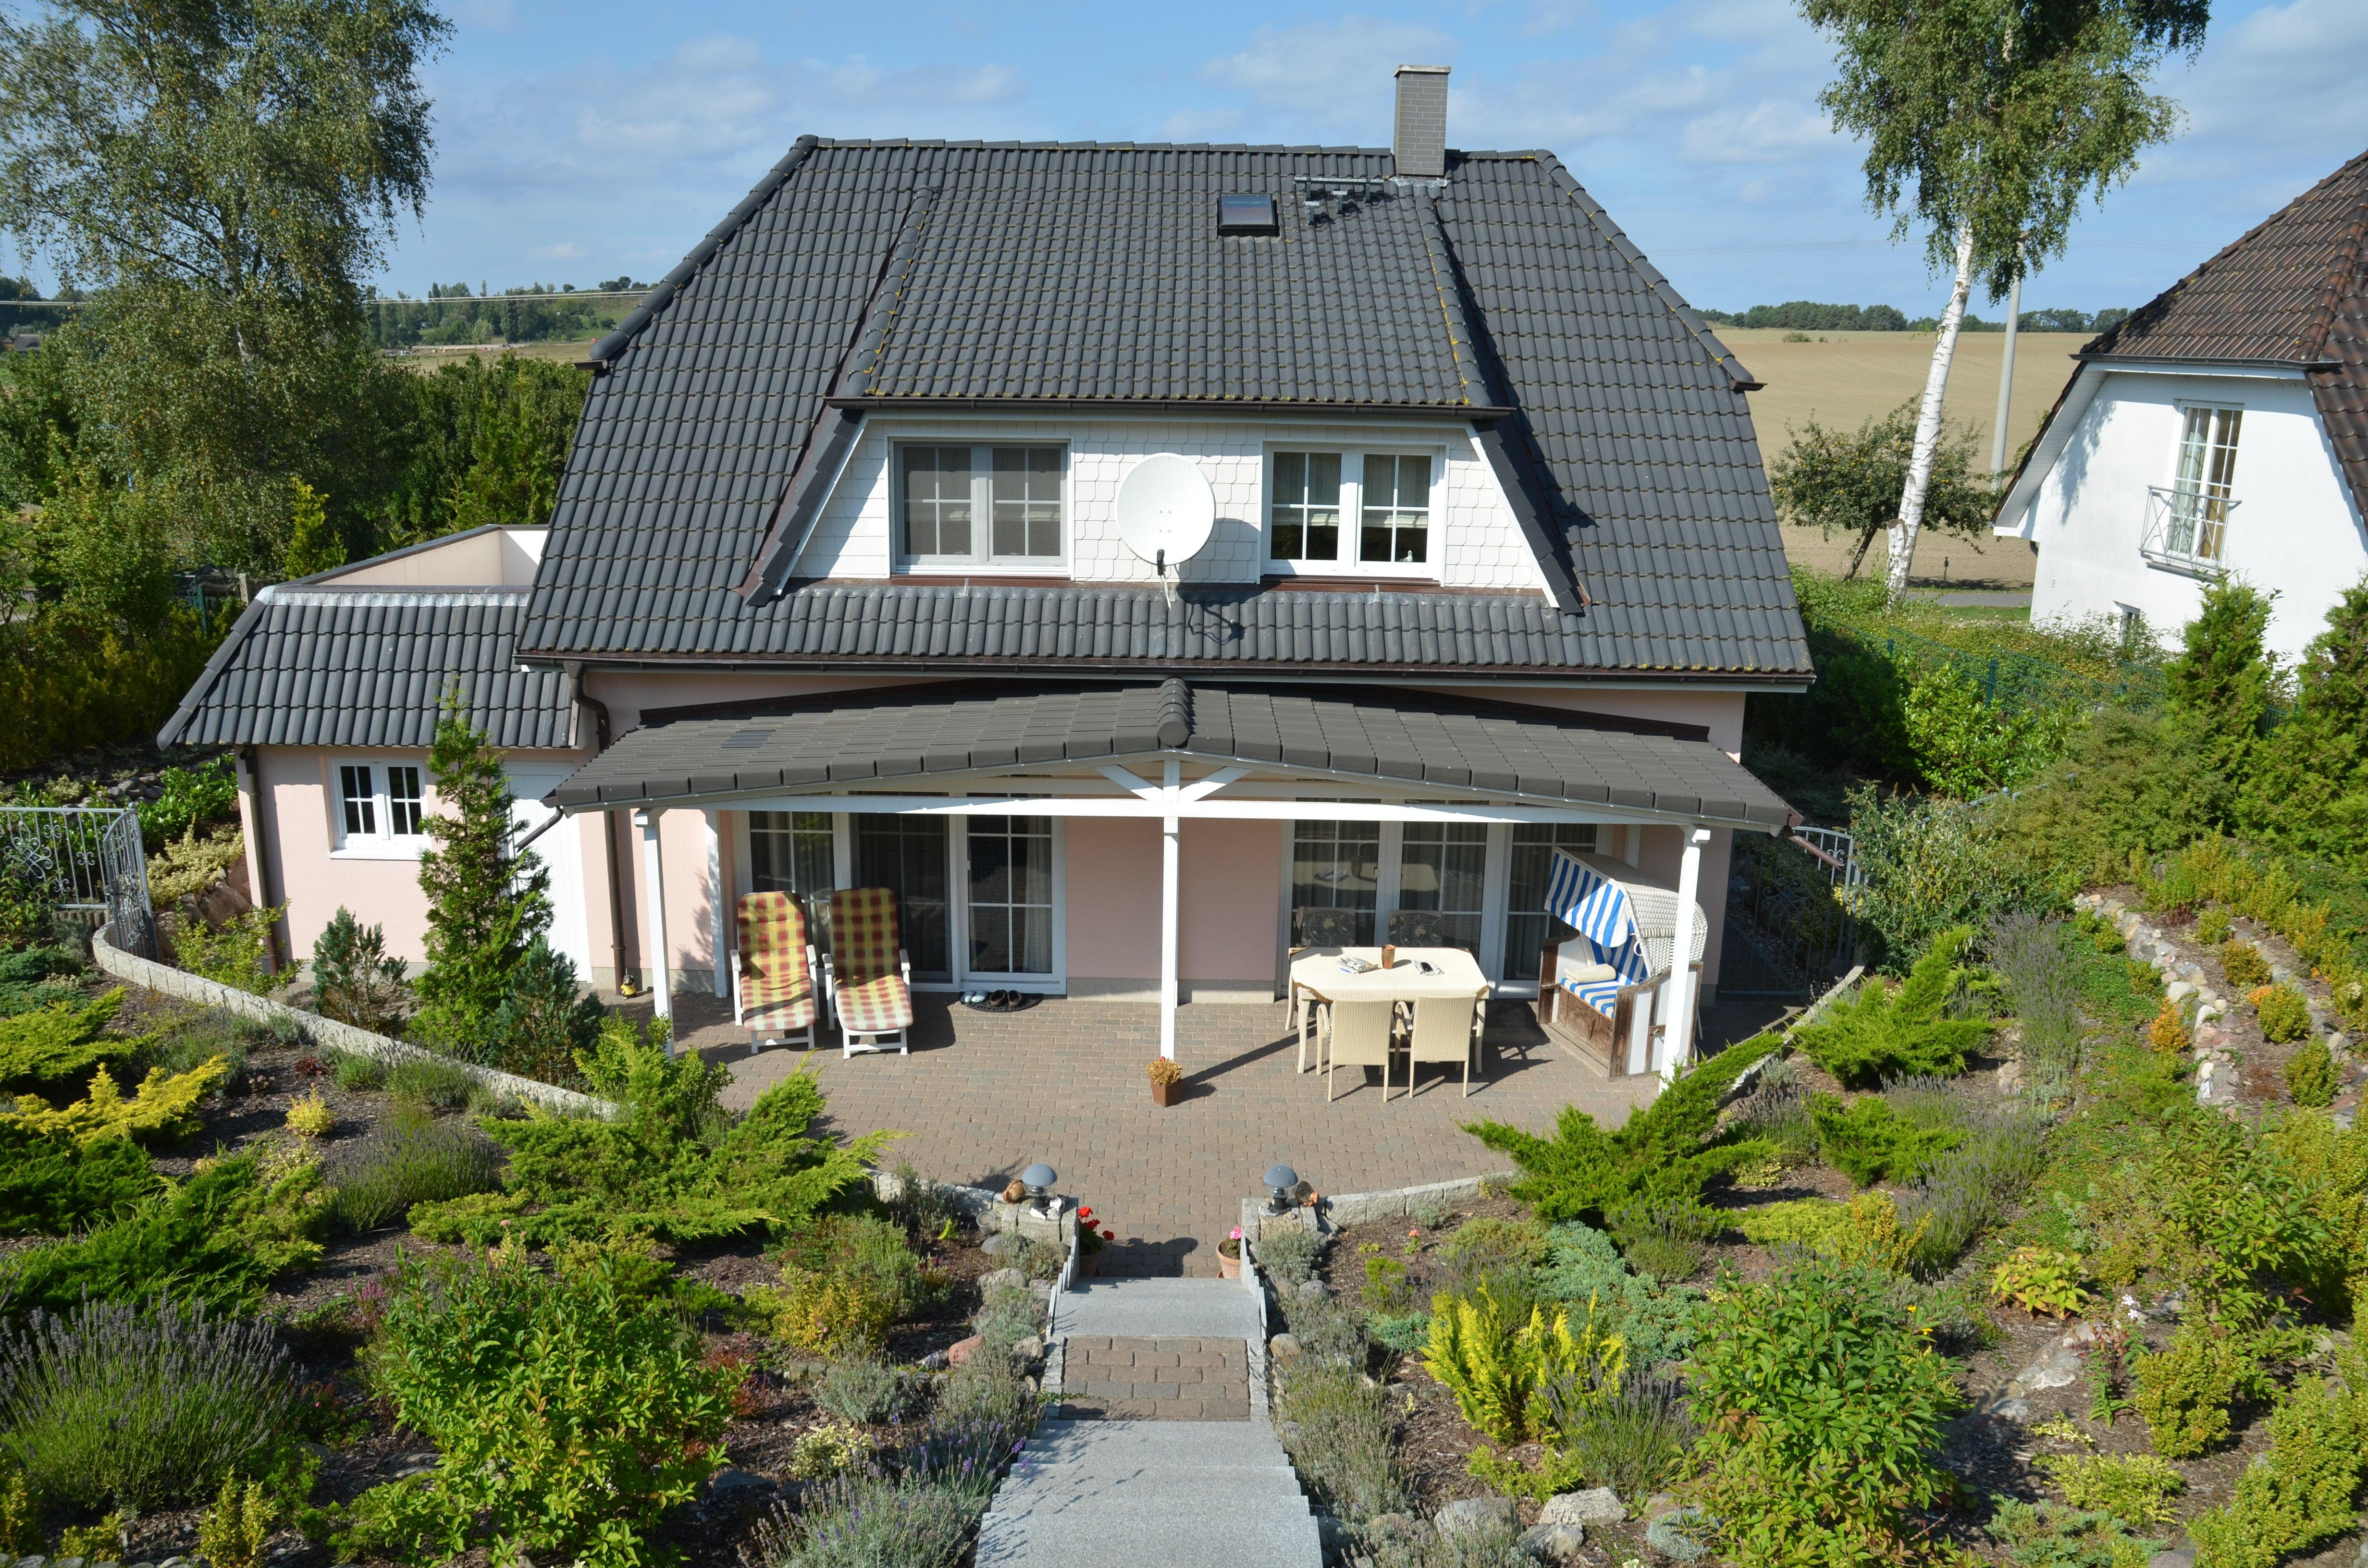 haus marikkend rp in alt reddevitz r gen holidaycheck mecklenburg vorpommern deutschland. Black Bedroom Furniture Sets. Home Design Ideas